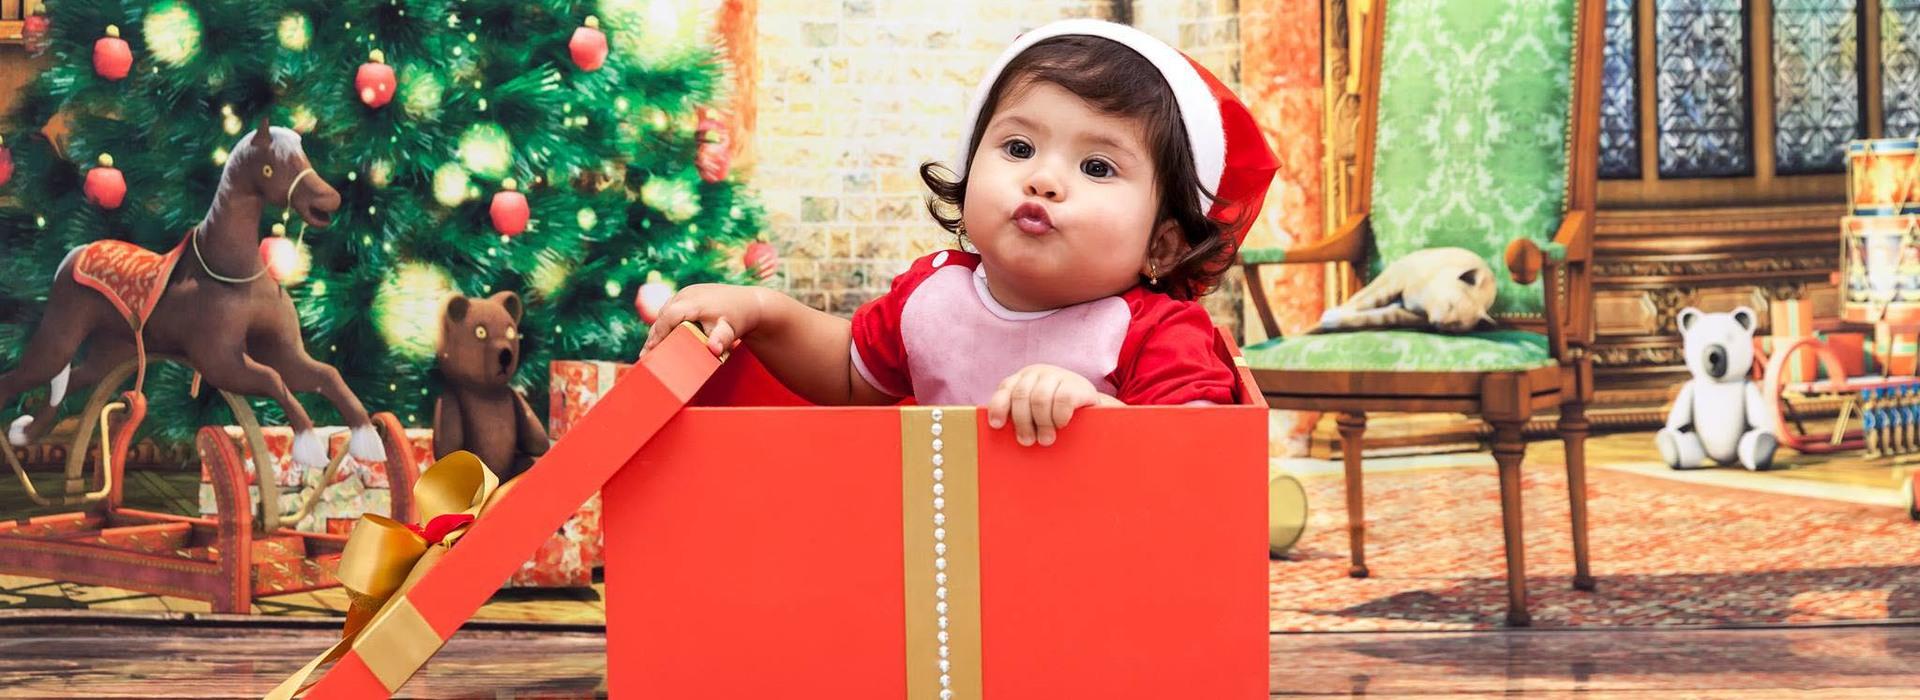 Temático - Natal de Yasmin - 1 ano em Itu / SP